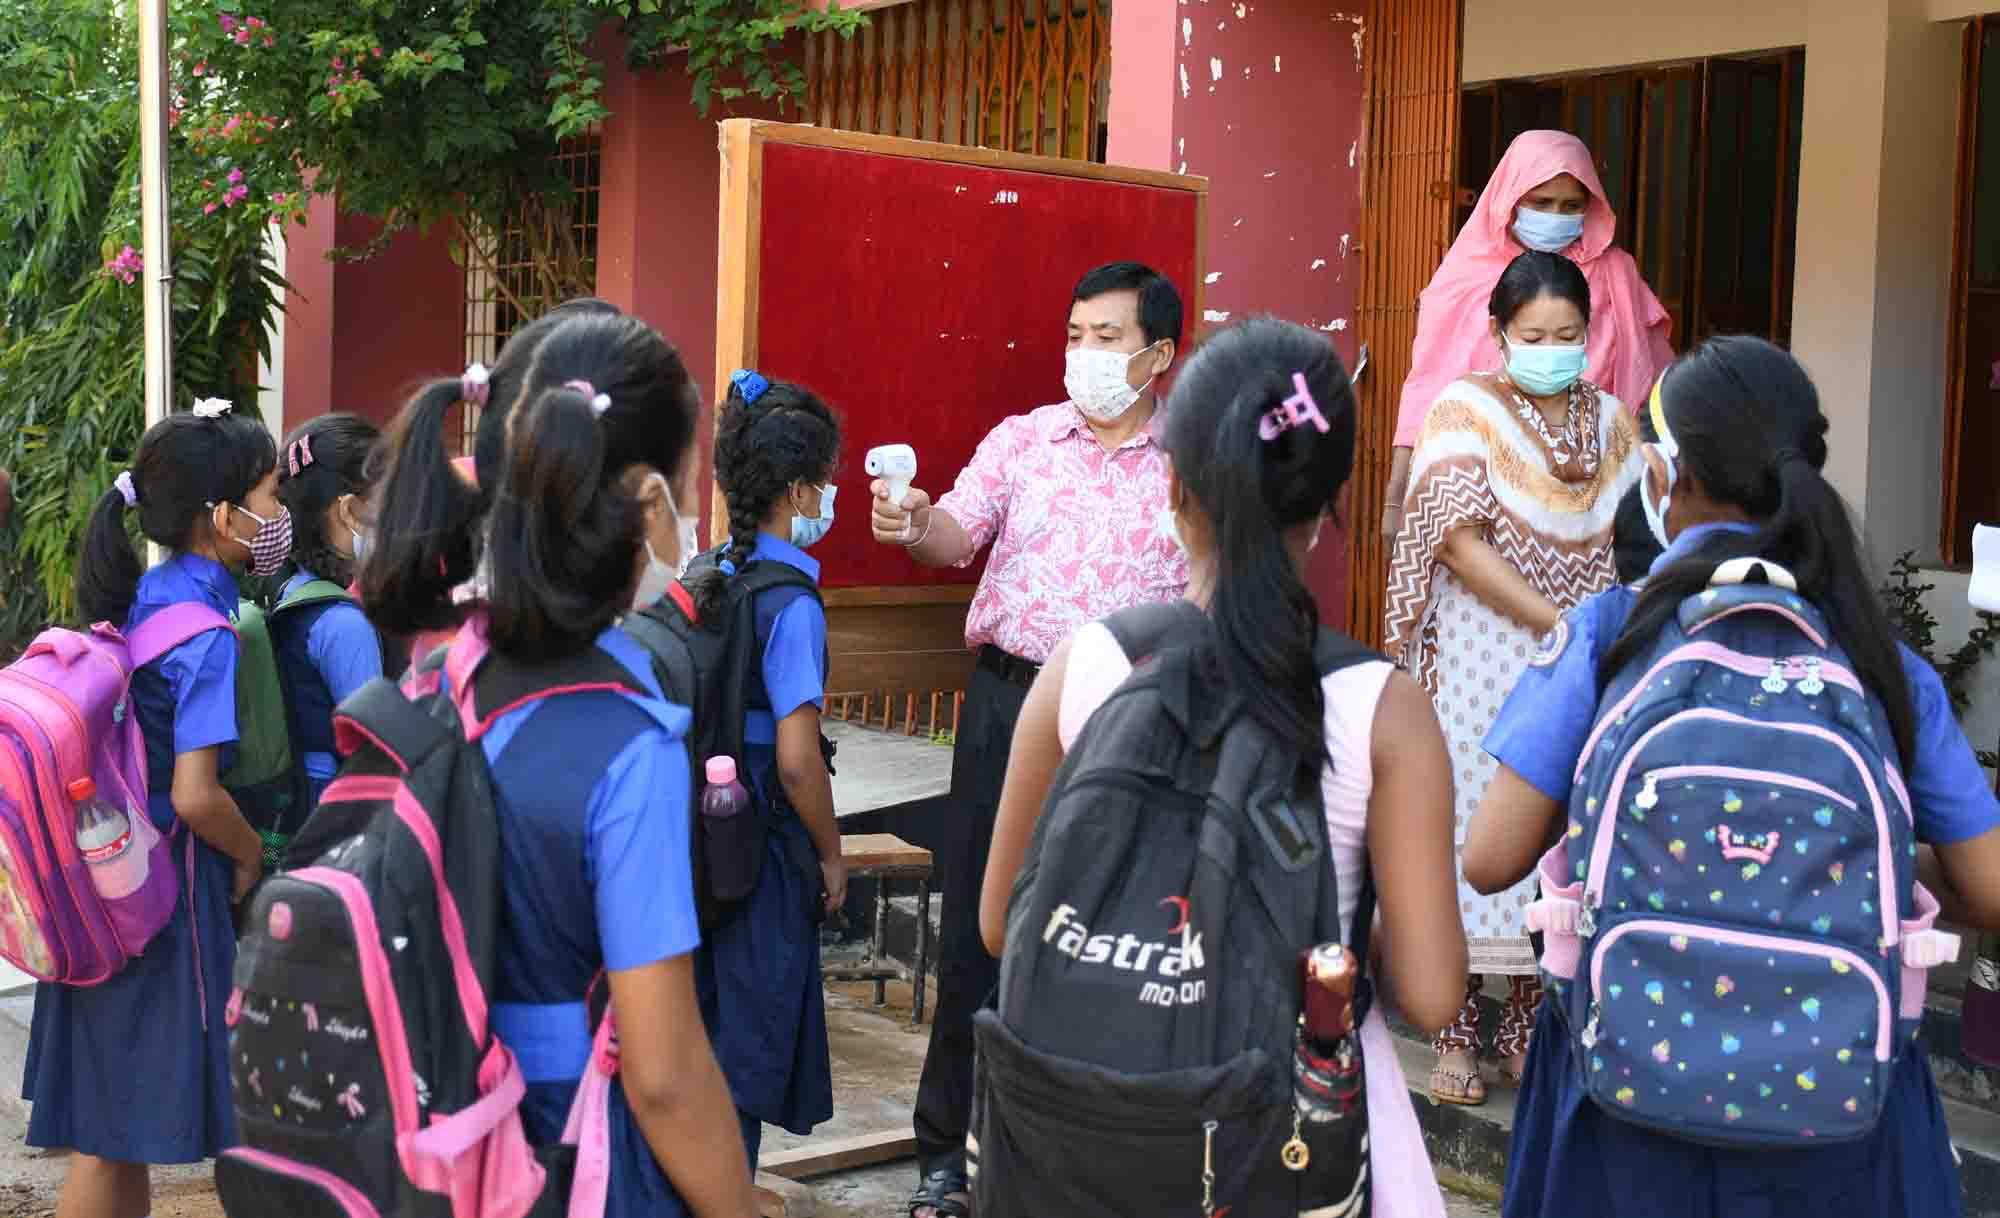 খাগড়াছড়িতে খুলেছে শিক্ষা প্রতিষ্ঠান উচ্ছ্বাসিত শিক্ষার্থীরা